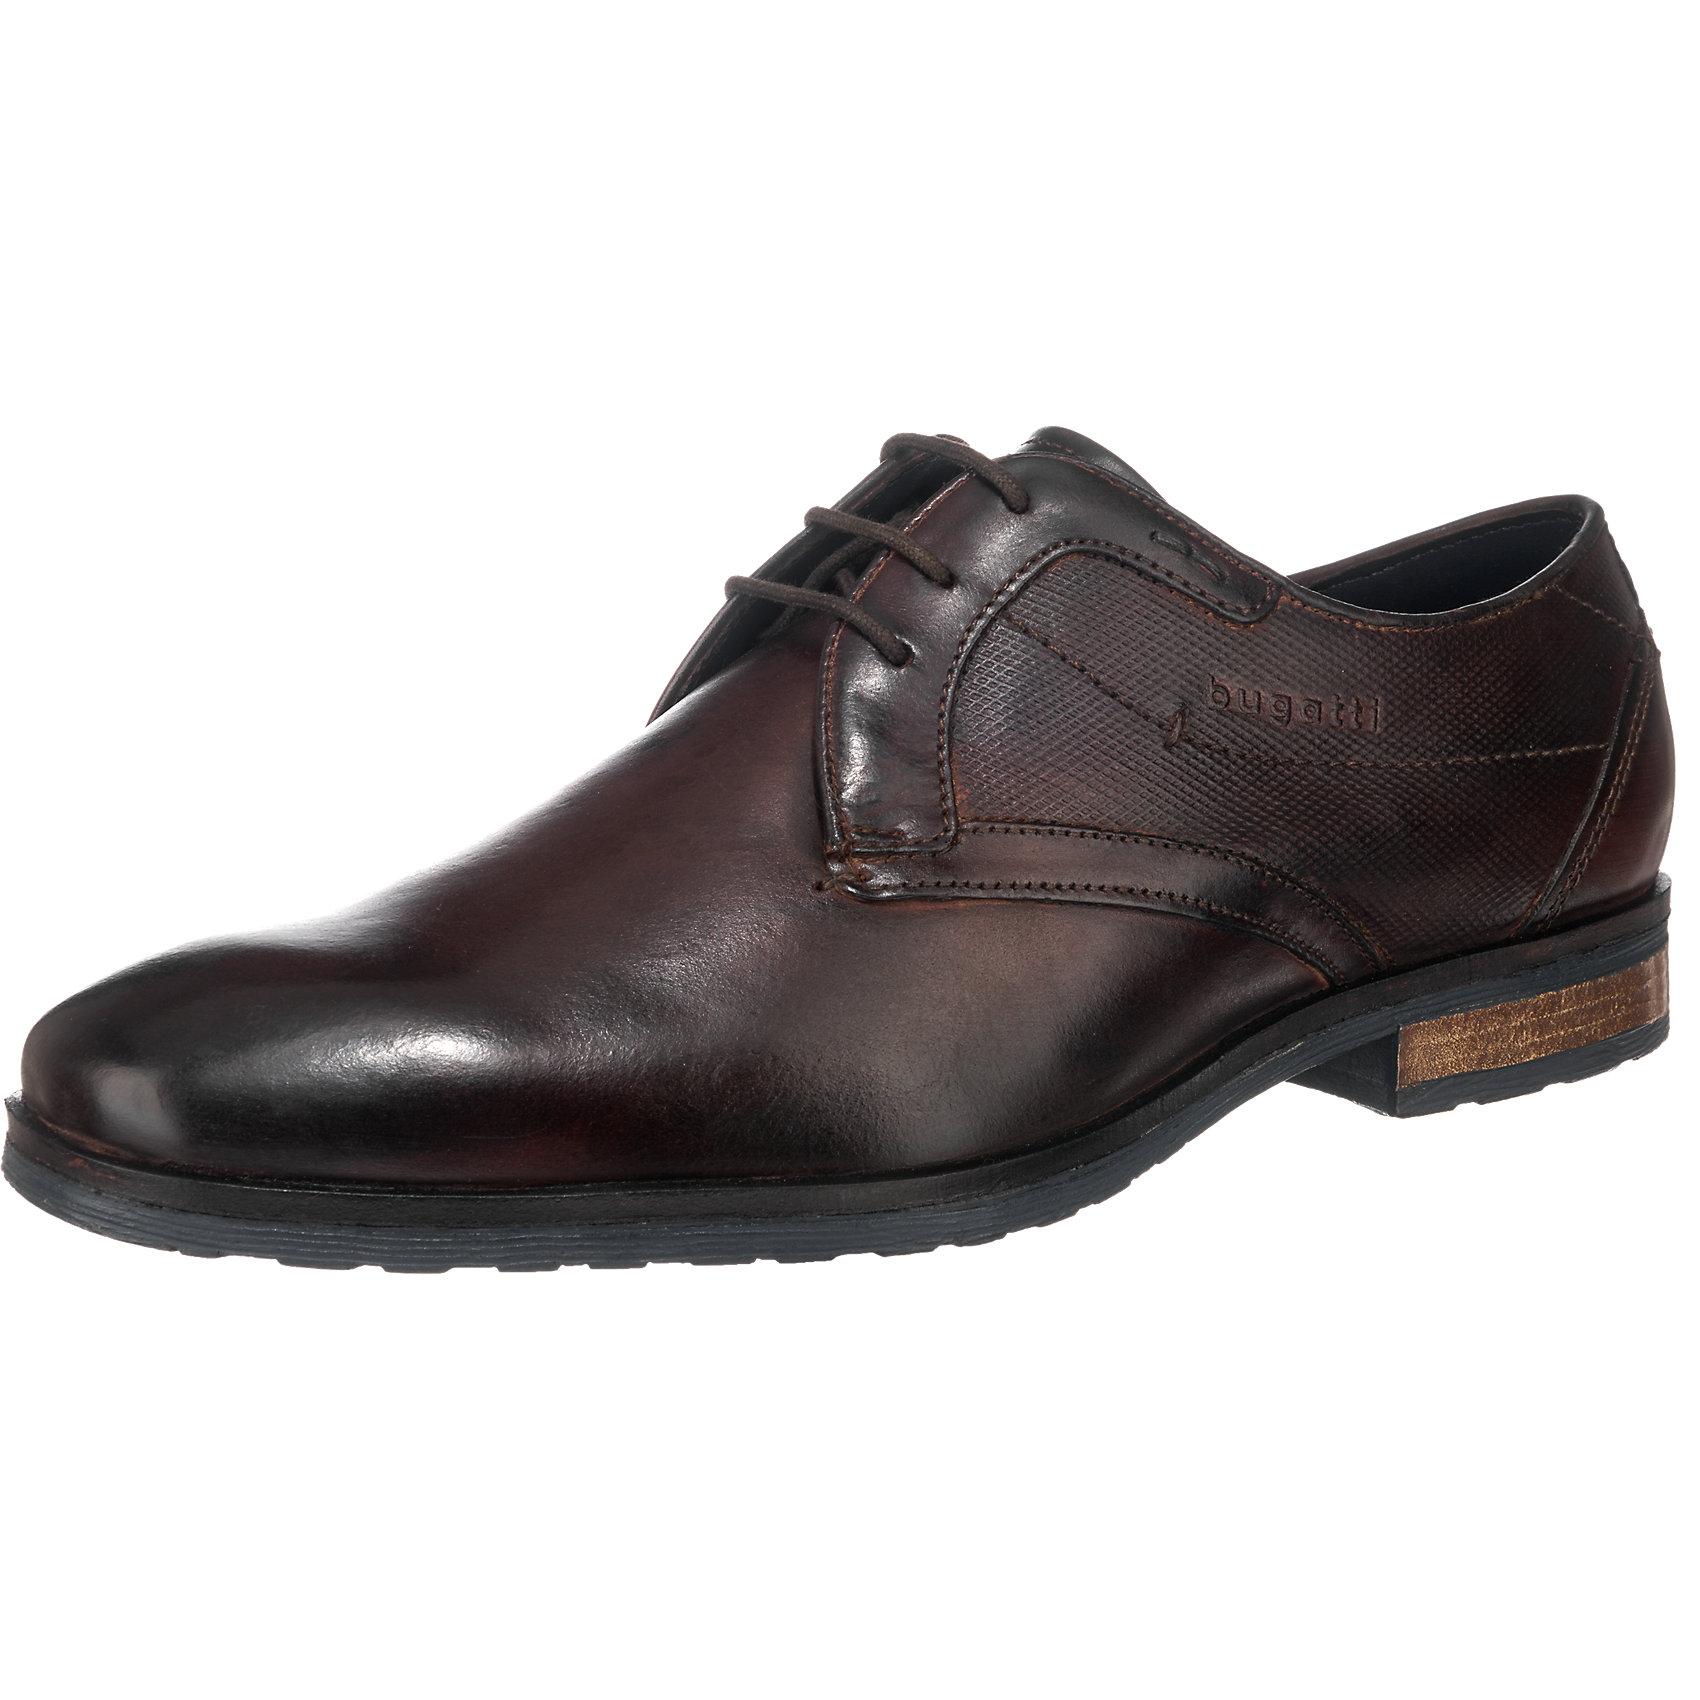 Neu für bugatti Business Schuhe 5779956 für Neu Herren dunkelbraun cognac 62b754